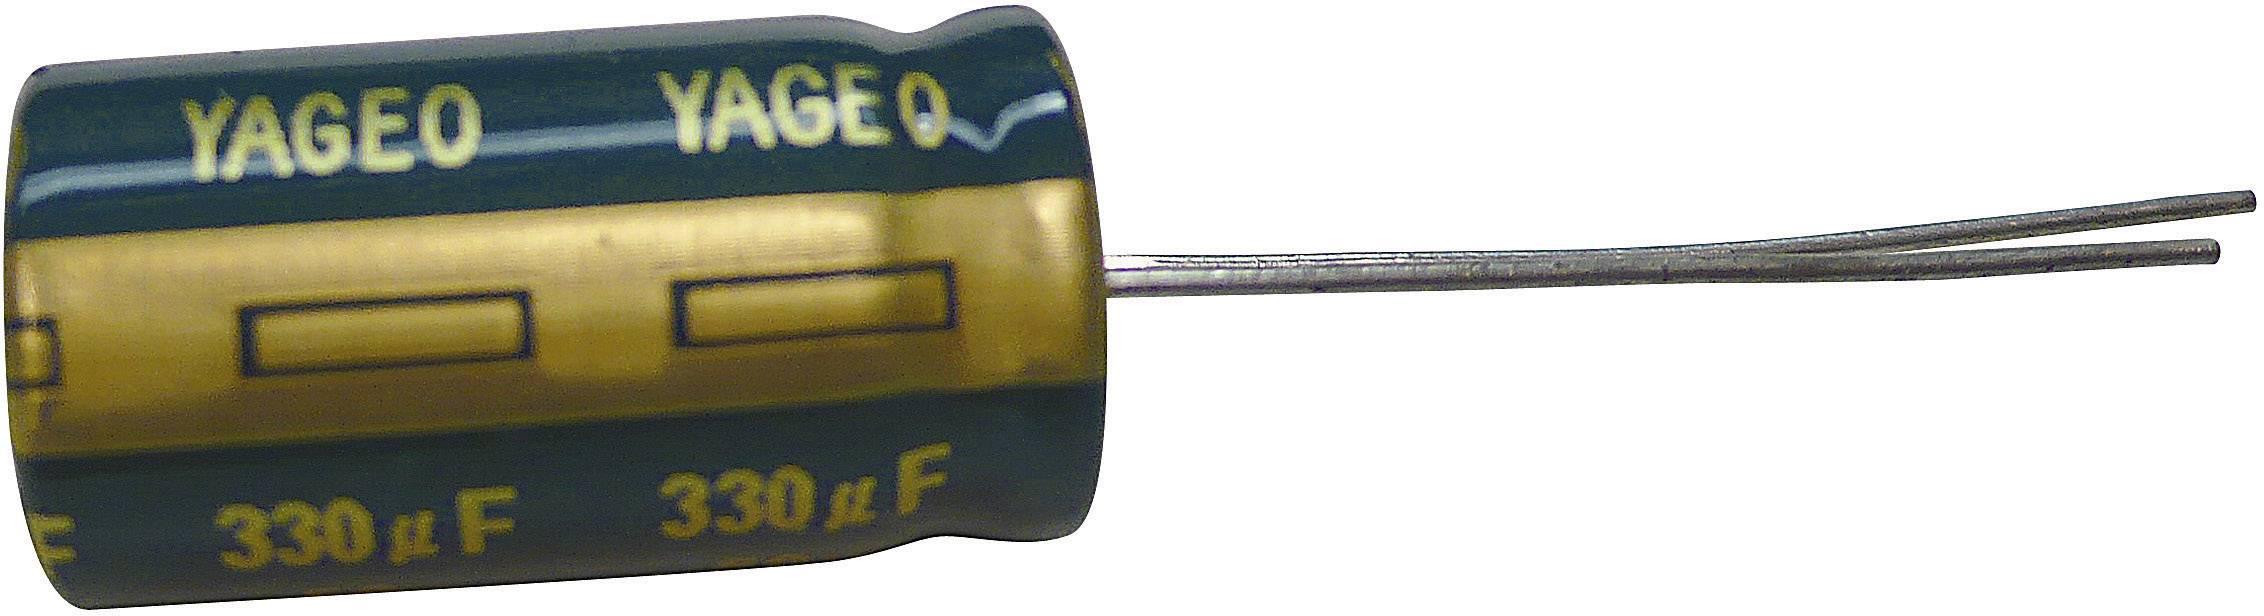 Kondenzátor elektrolytický Yageo SC006M3300B5S-1325, 3300 mF, 6,3 V, 20 %, 25 x 13 mm